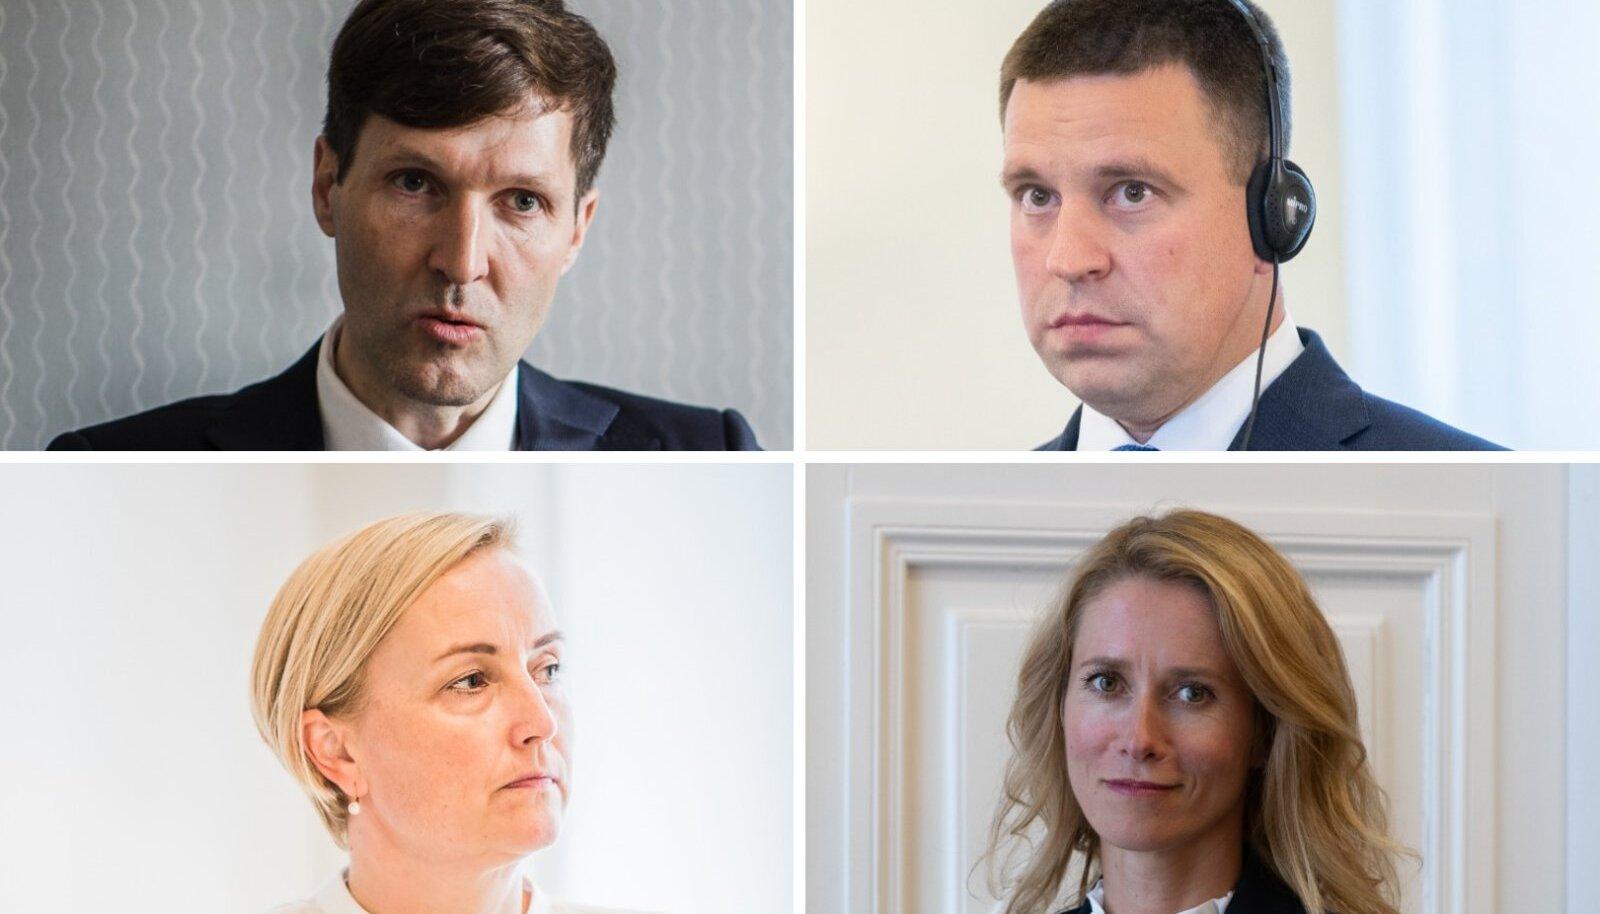 Keskerakond kaotas toetust ja nende reiting on nüüd sisuliselt võrdne Eesti 200-ga.